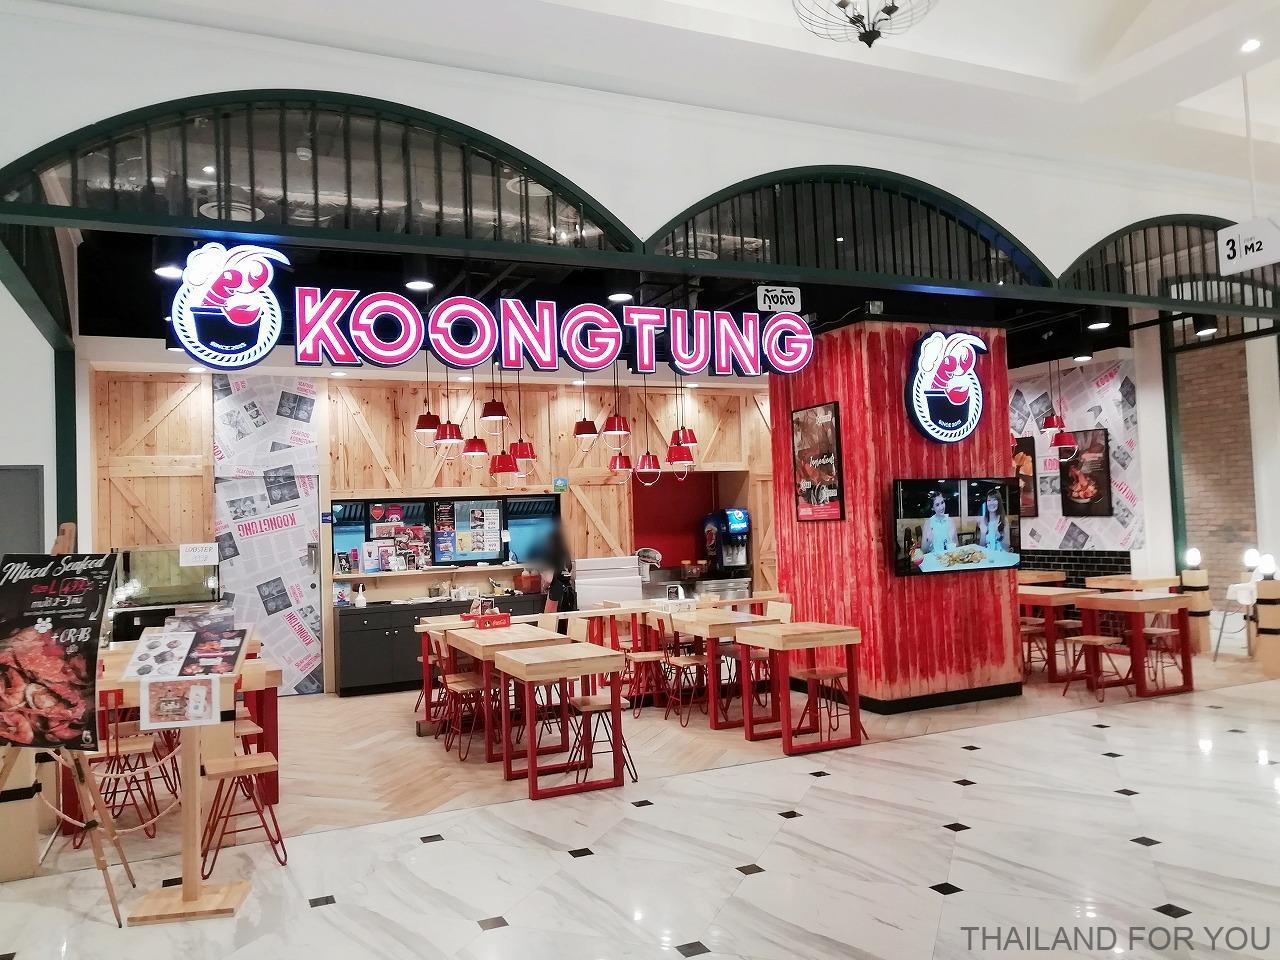 ザ・マーケット・バンコク Koong Tung the market bangkok 写真